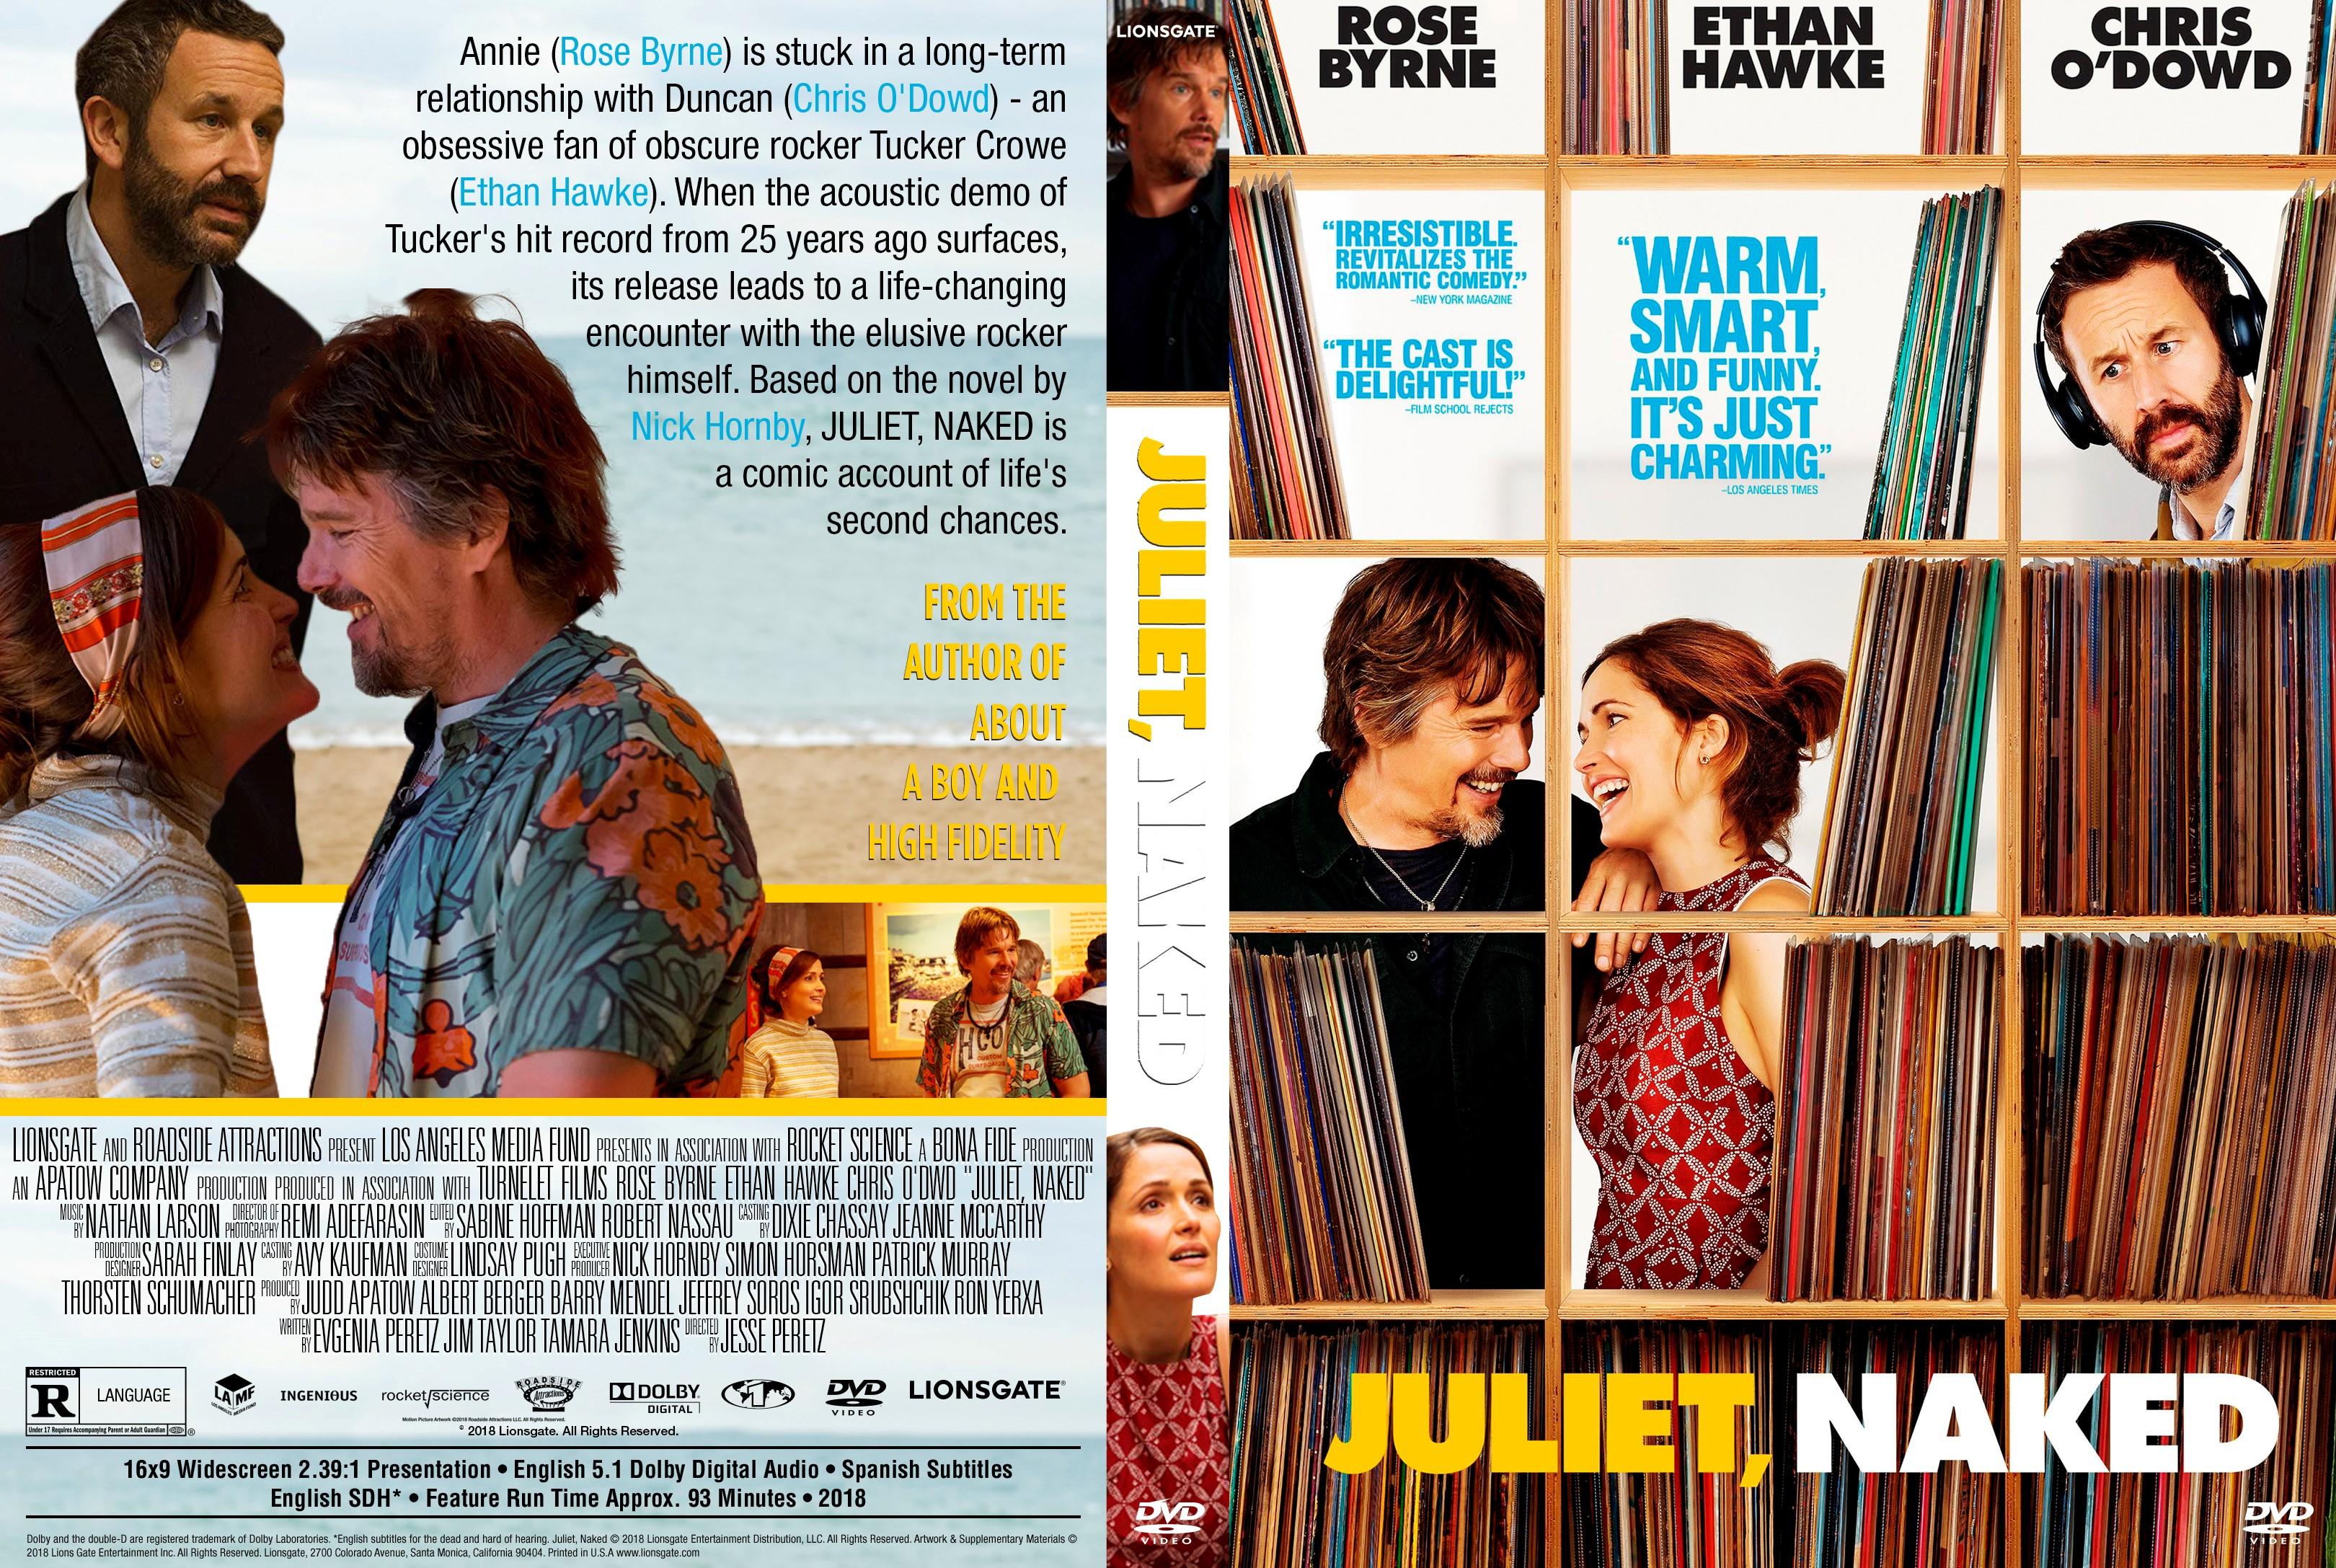 Juliet, Naked deutscher Trailer (mit Rose Byrne)